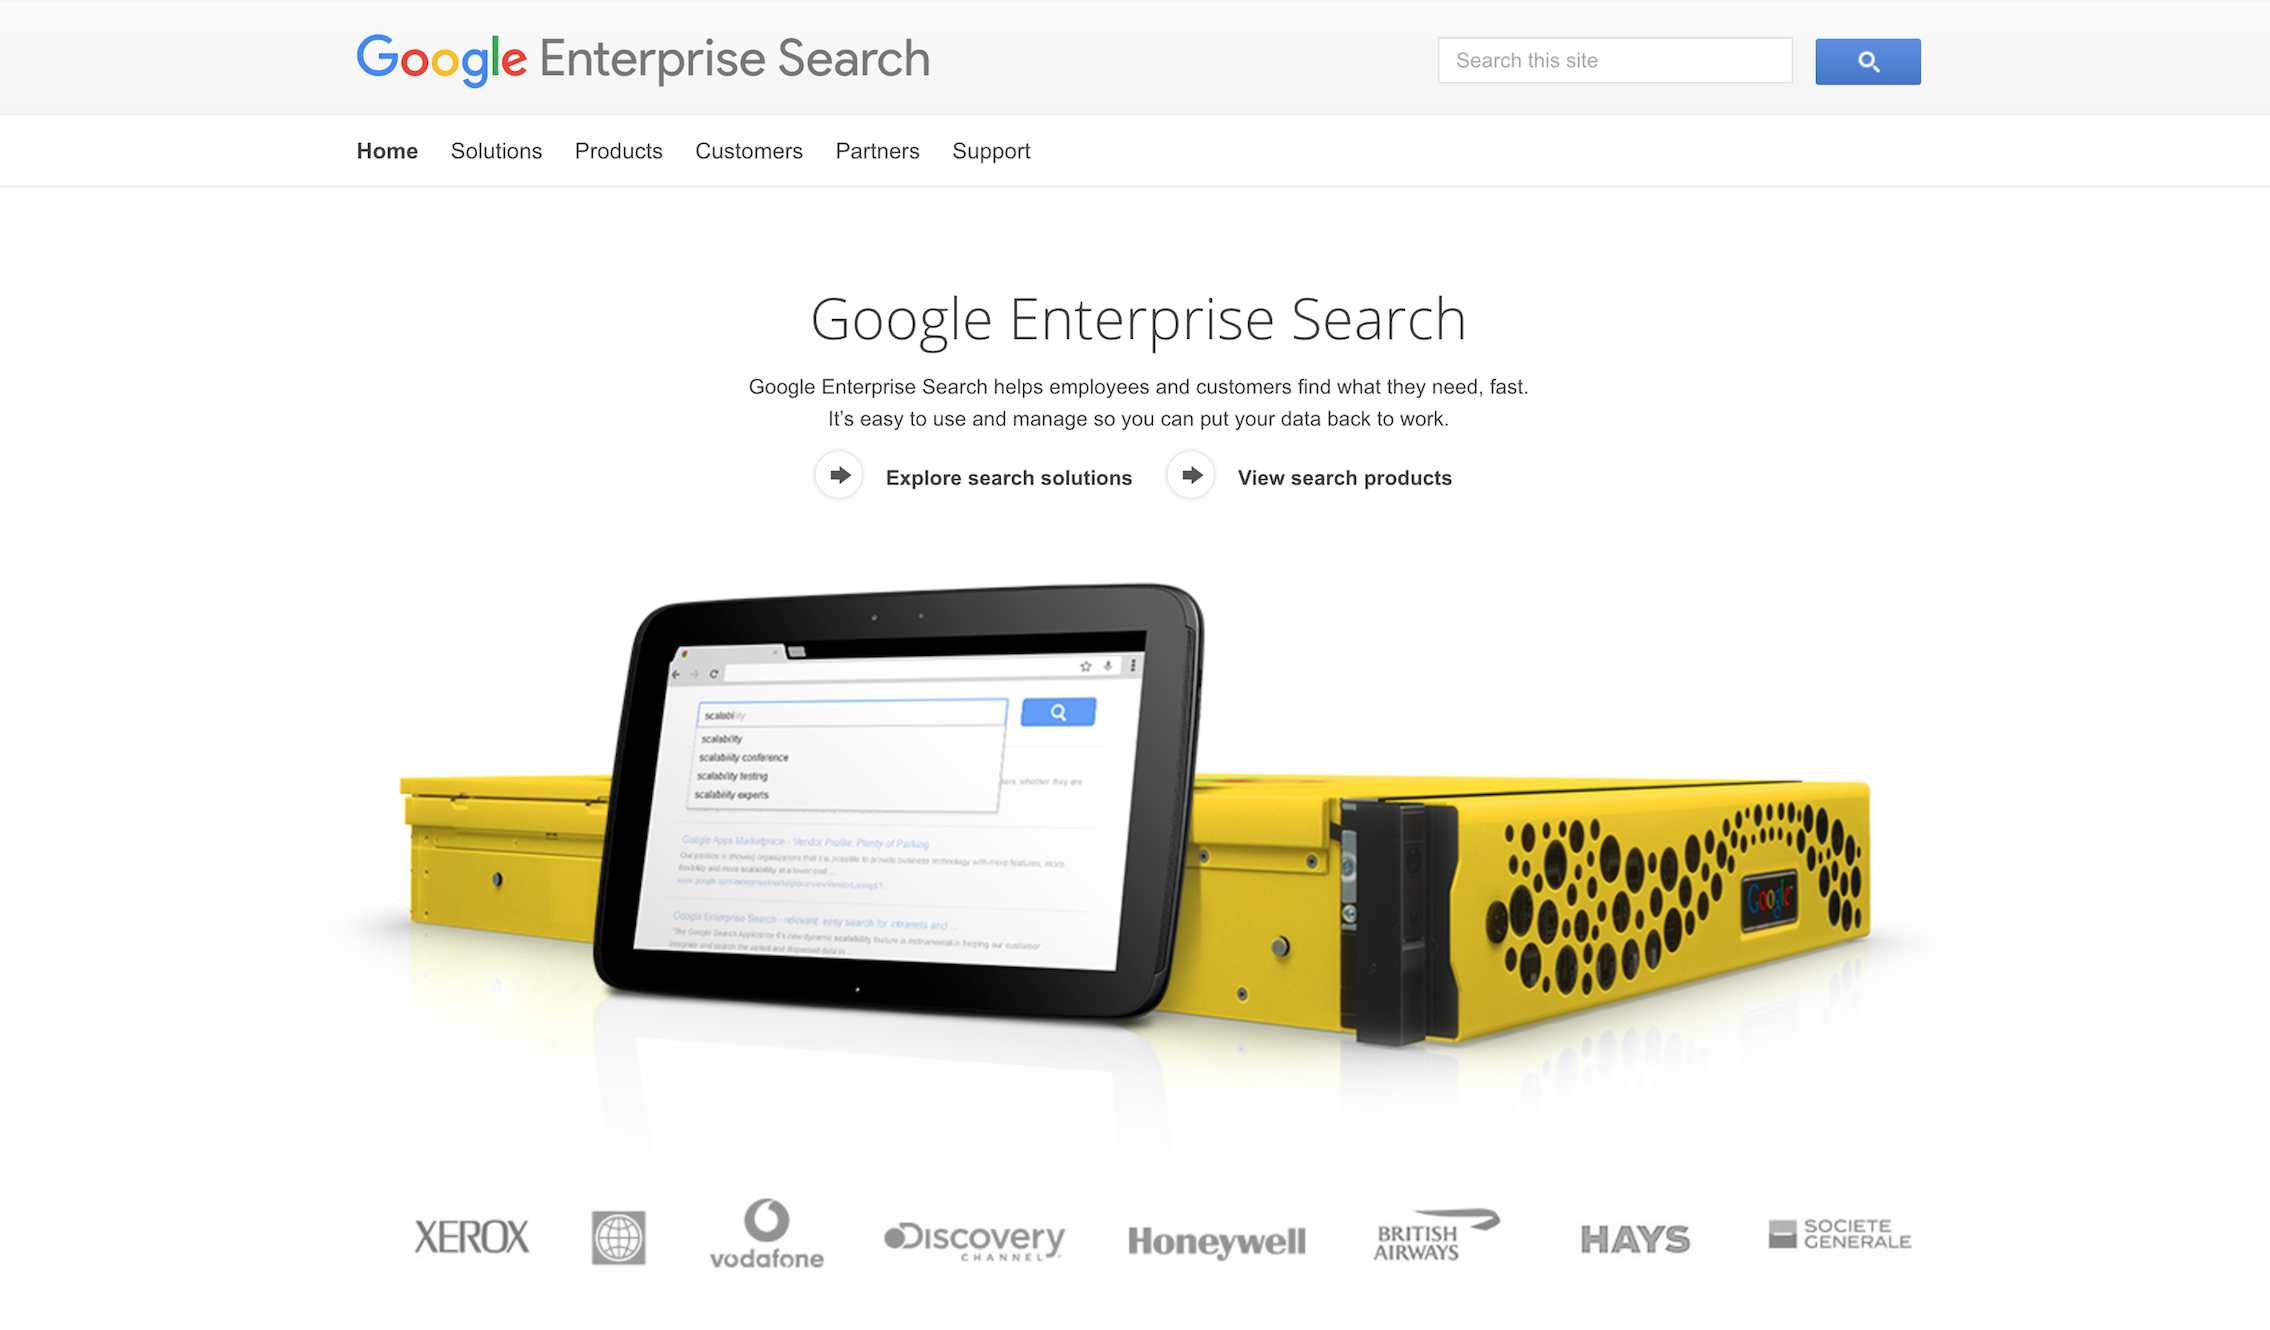 Google Enterprise Search